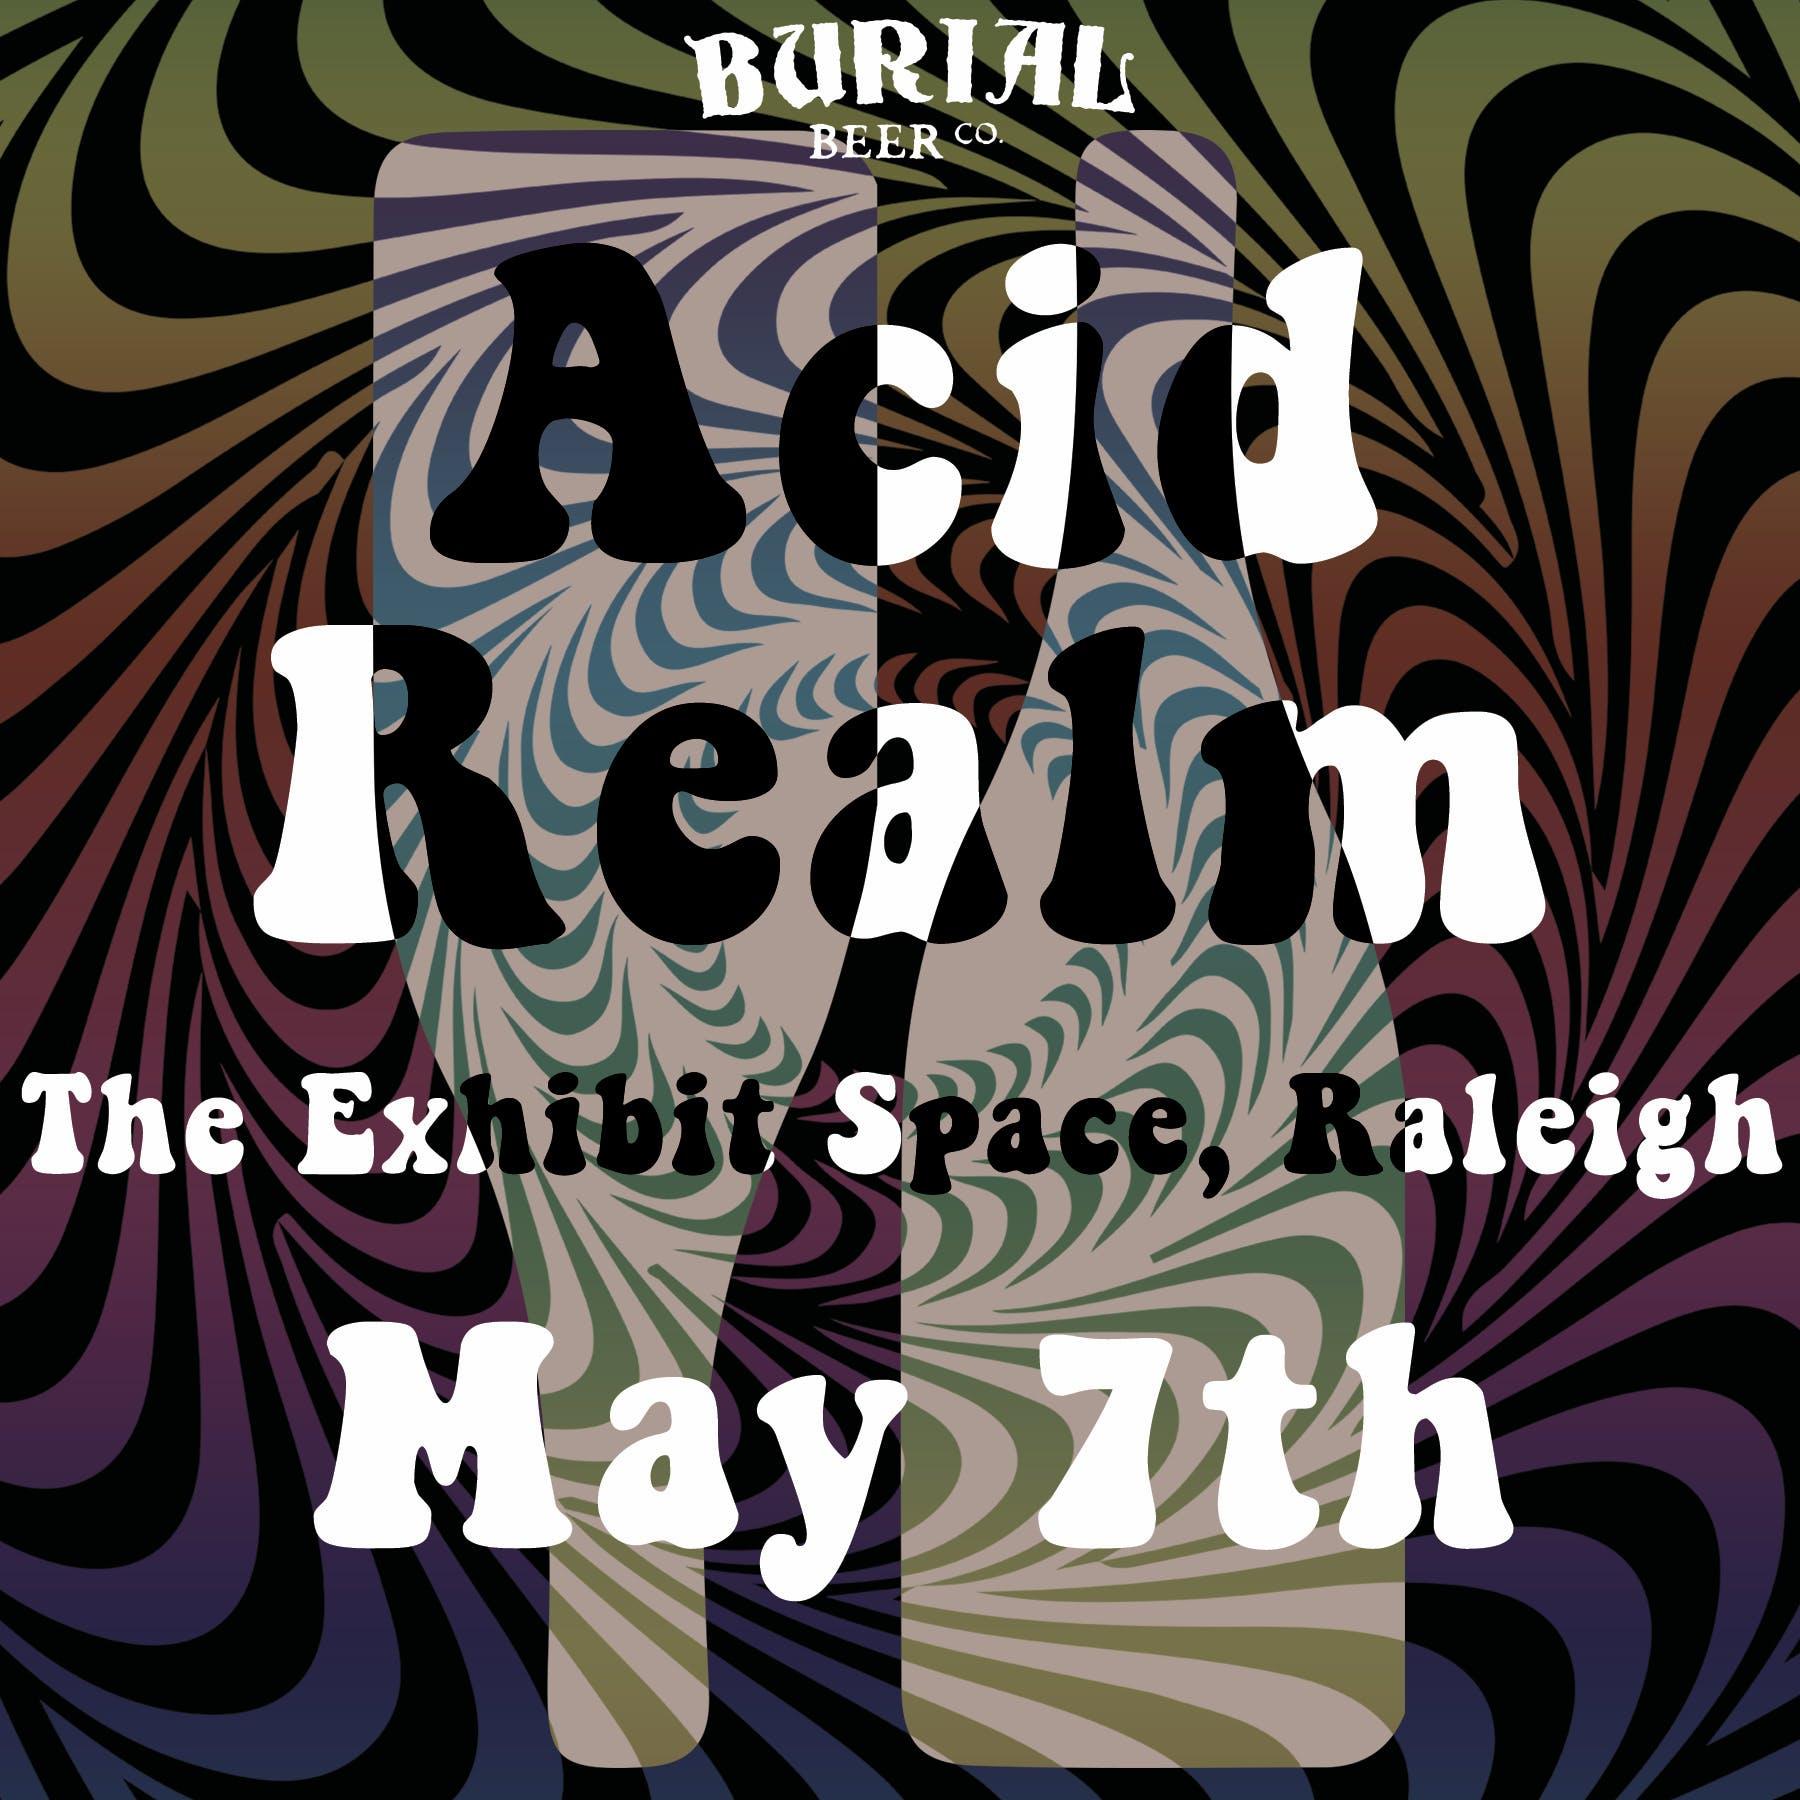 Acid Realm: A Mixed Culture Hang